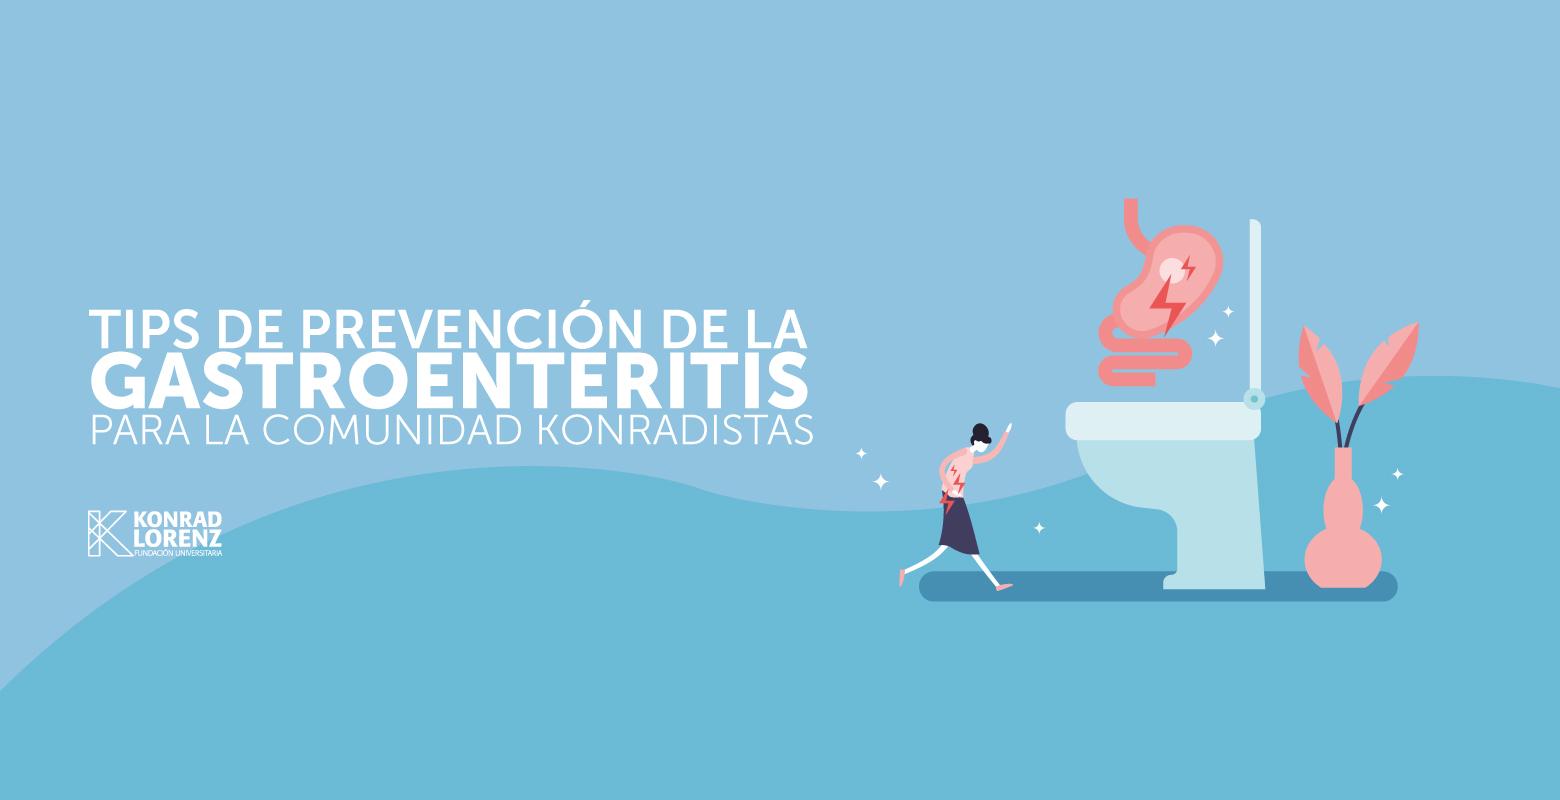 Tips de prevención de la gastroenteritis